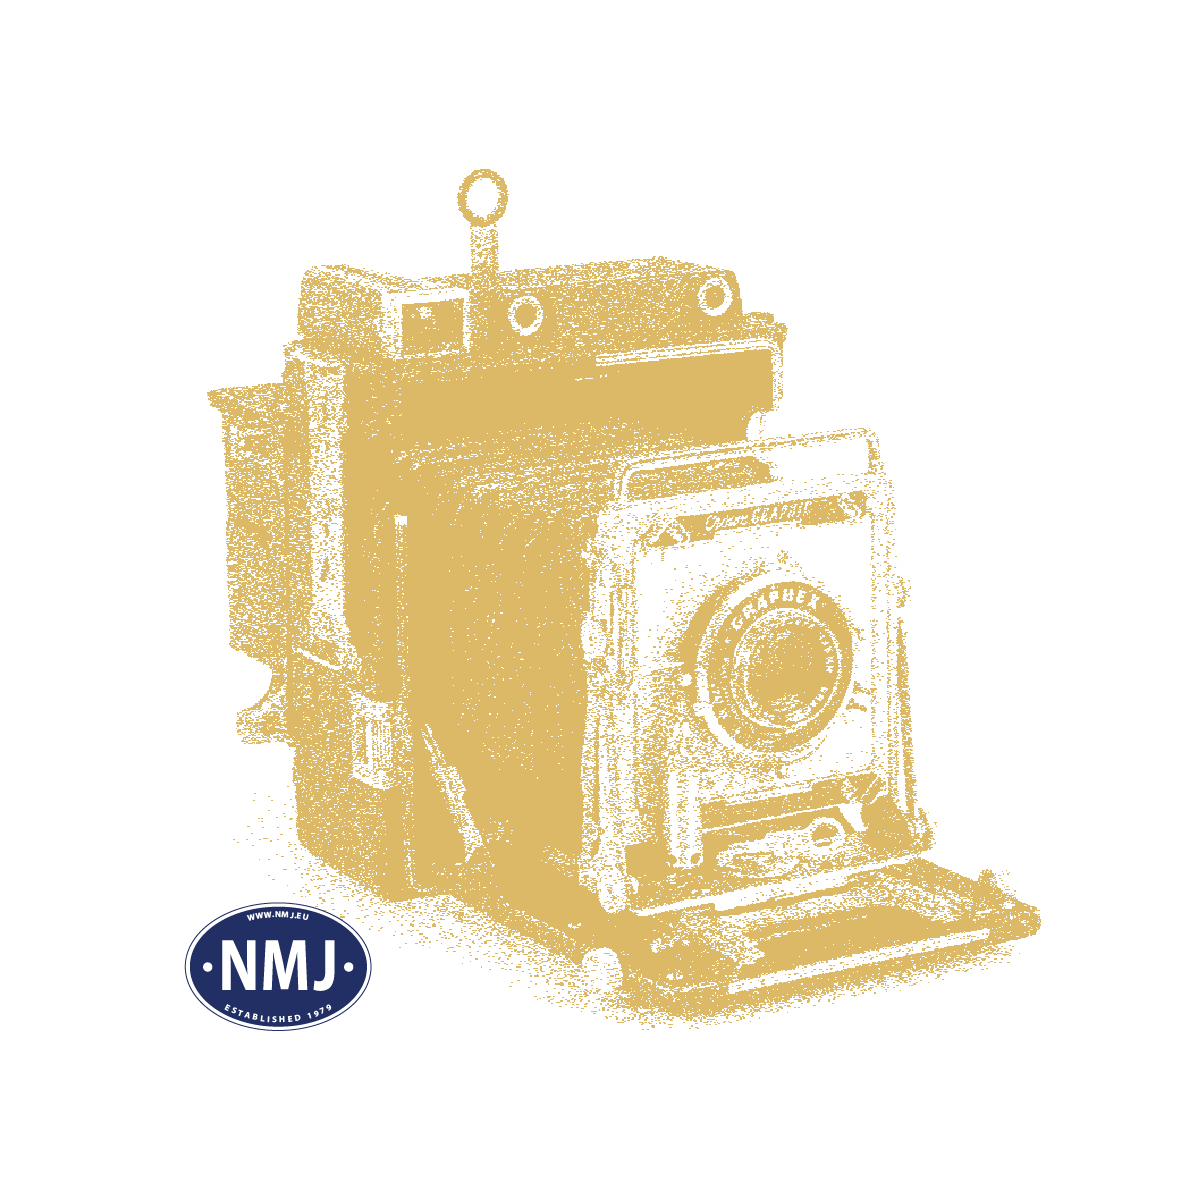 NMJT81.993 - NMJ Topline NSB BM 73 Extension Lighting Set